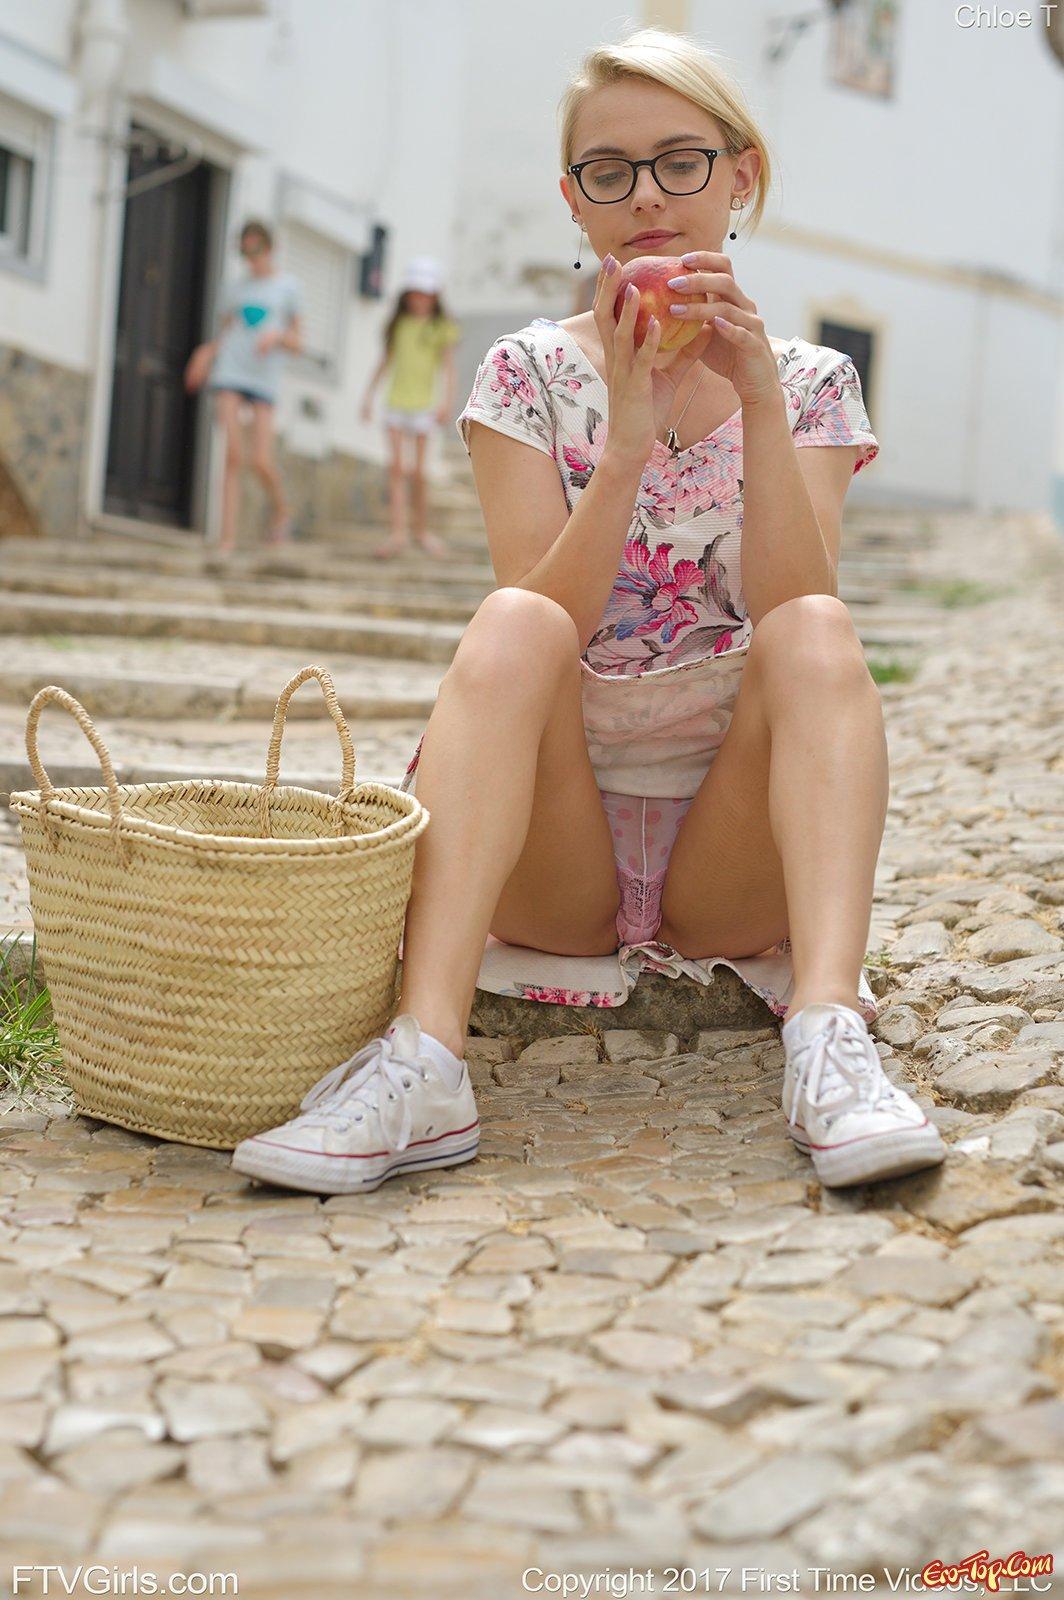 Светловолосая девушка совращает писю под юбкой